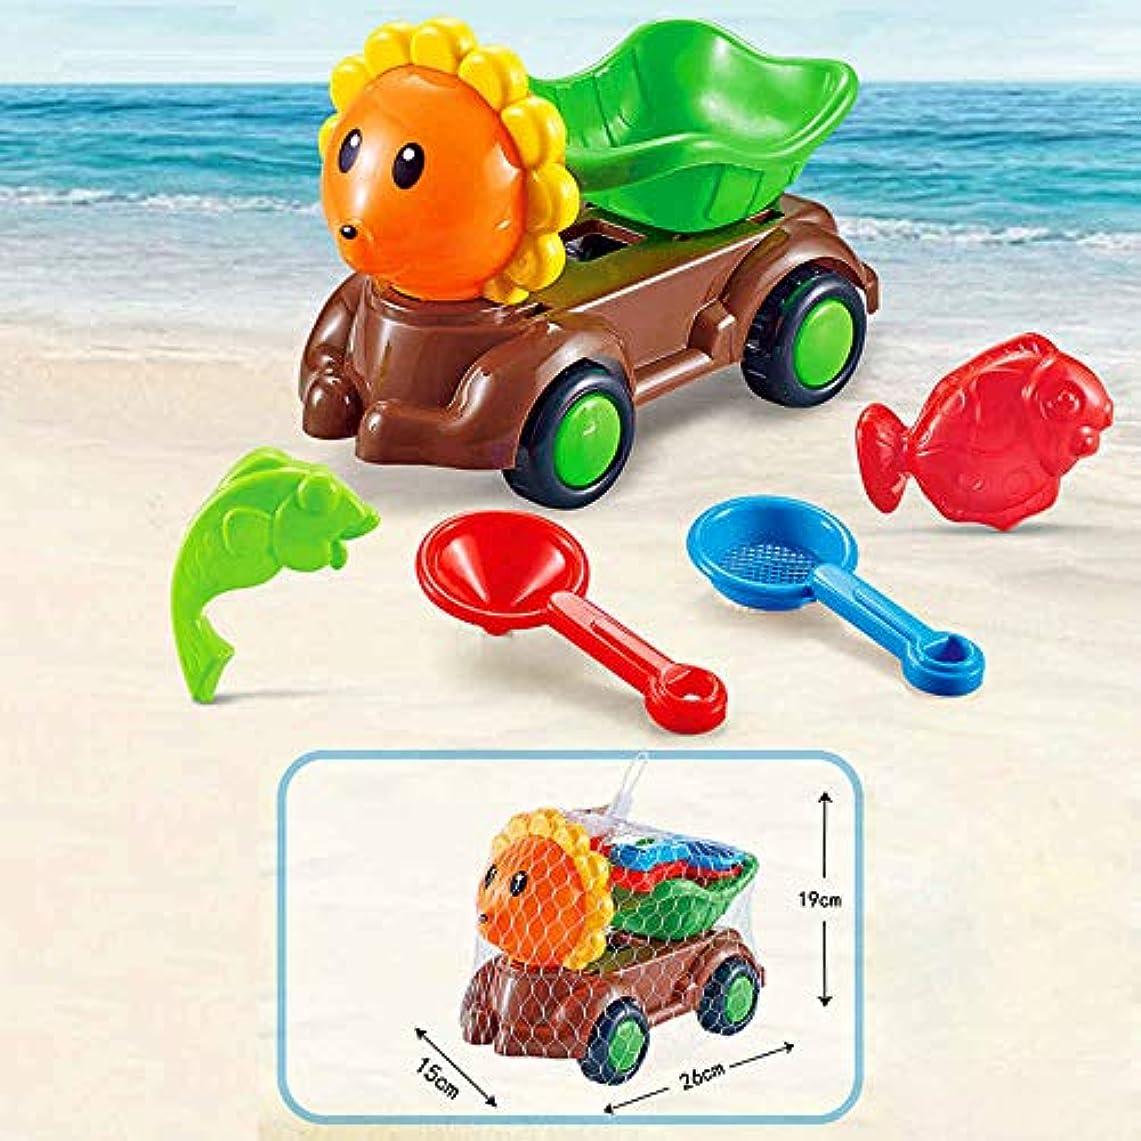 ドアミラーシャー乱闘子供のビーチおもちゃセット、ビーチ城とカビ、シャベル、熊手、じょうろ、砂ふるい,5-piece set of sunflower beach buggy